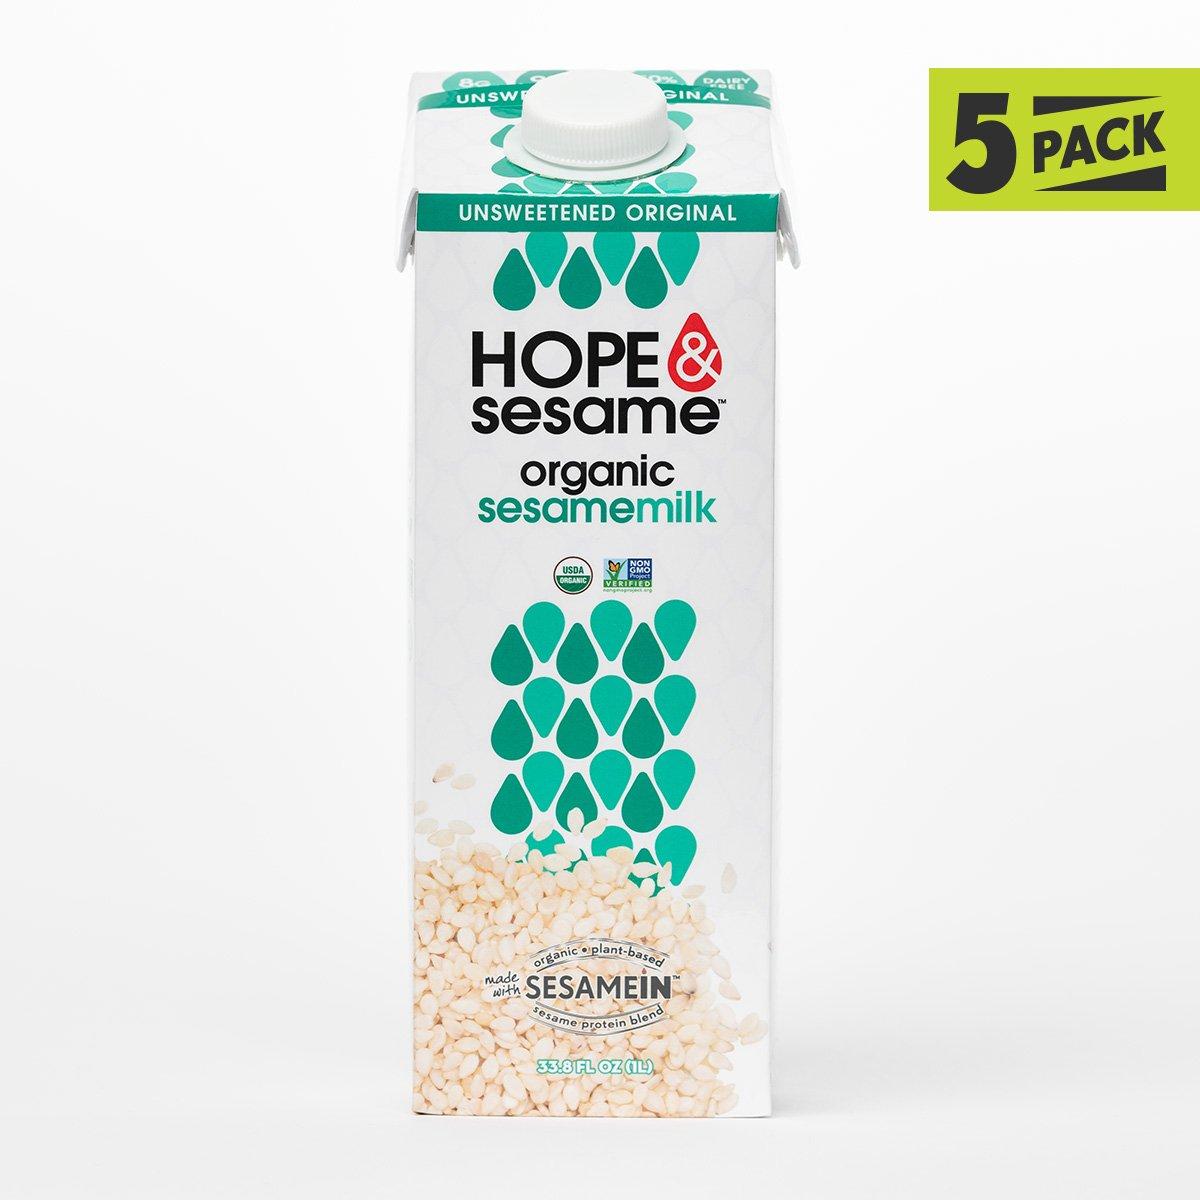 Hope & Sesame Original Sesame milk